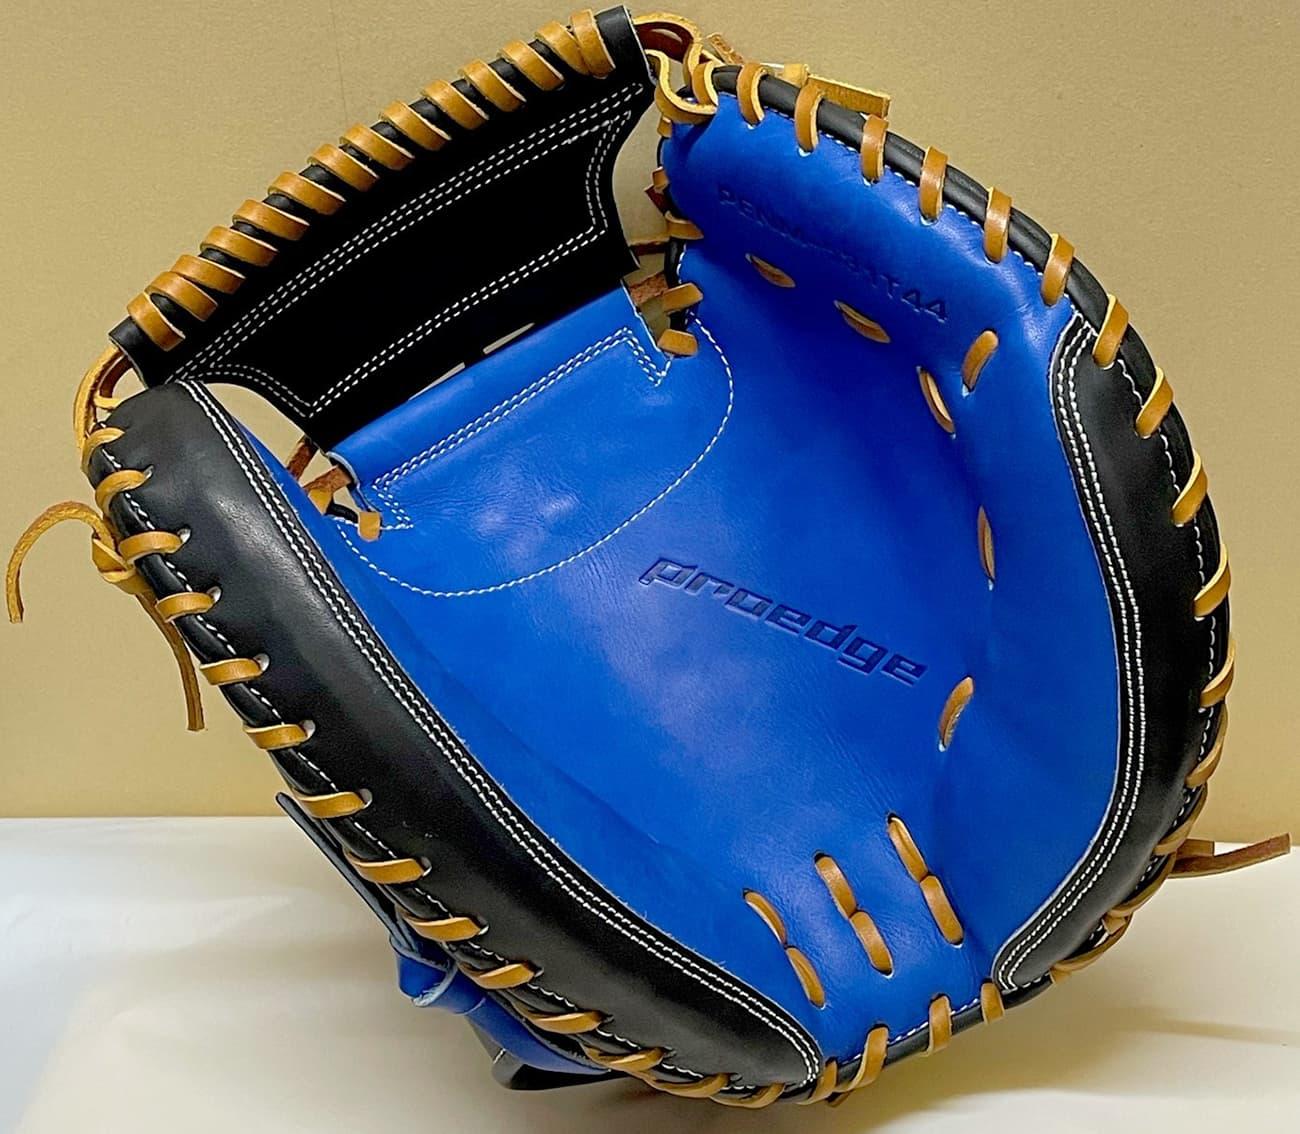 【SSK】【タイガース梅野モデル】軟式野球用キャッチャーミット(PENM531T44)捕球面